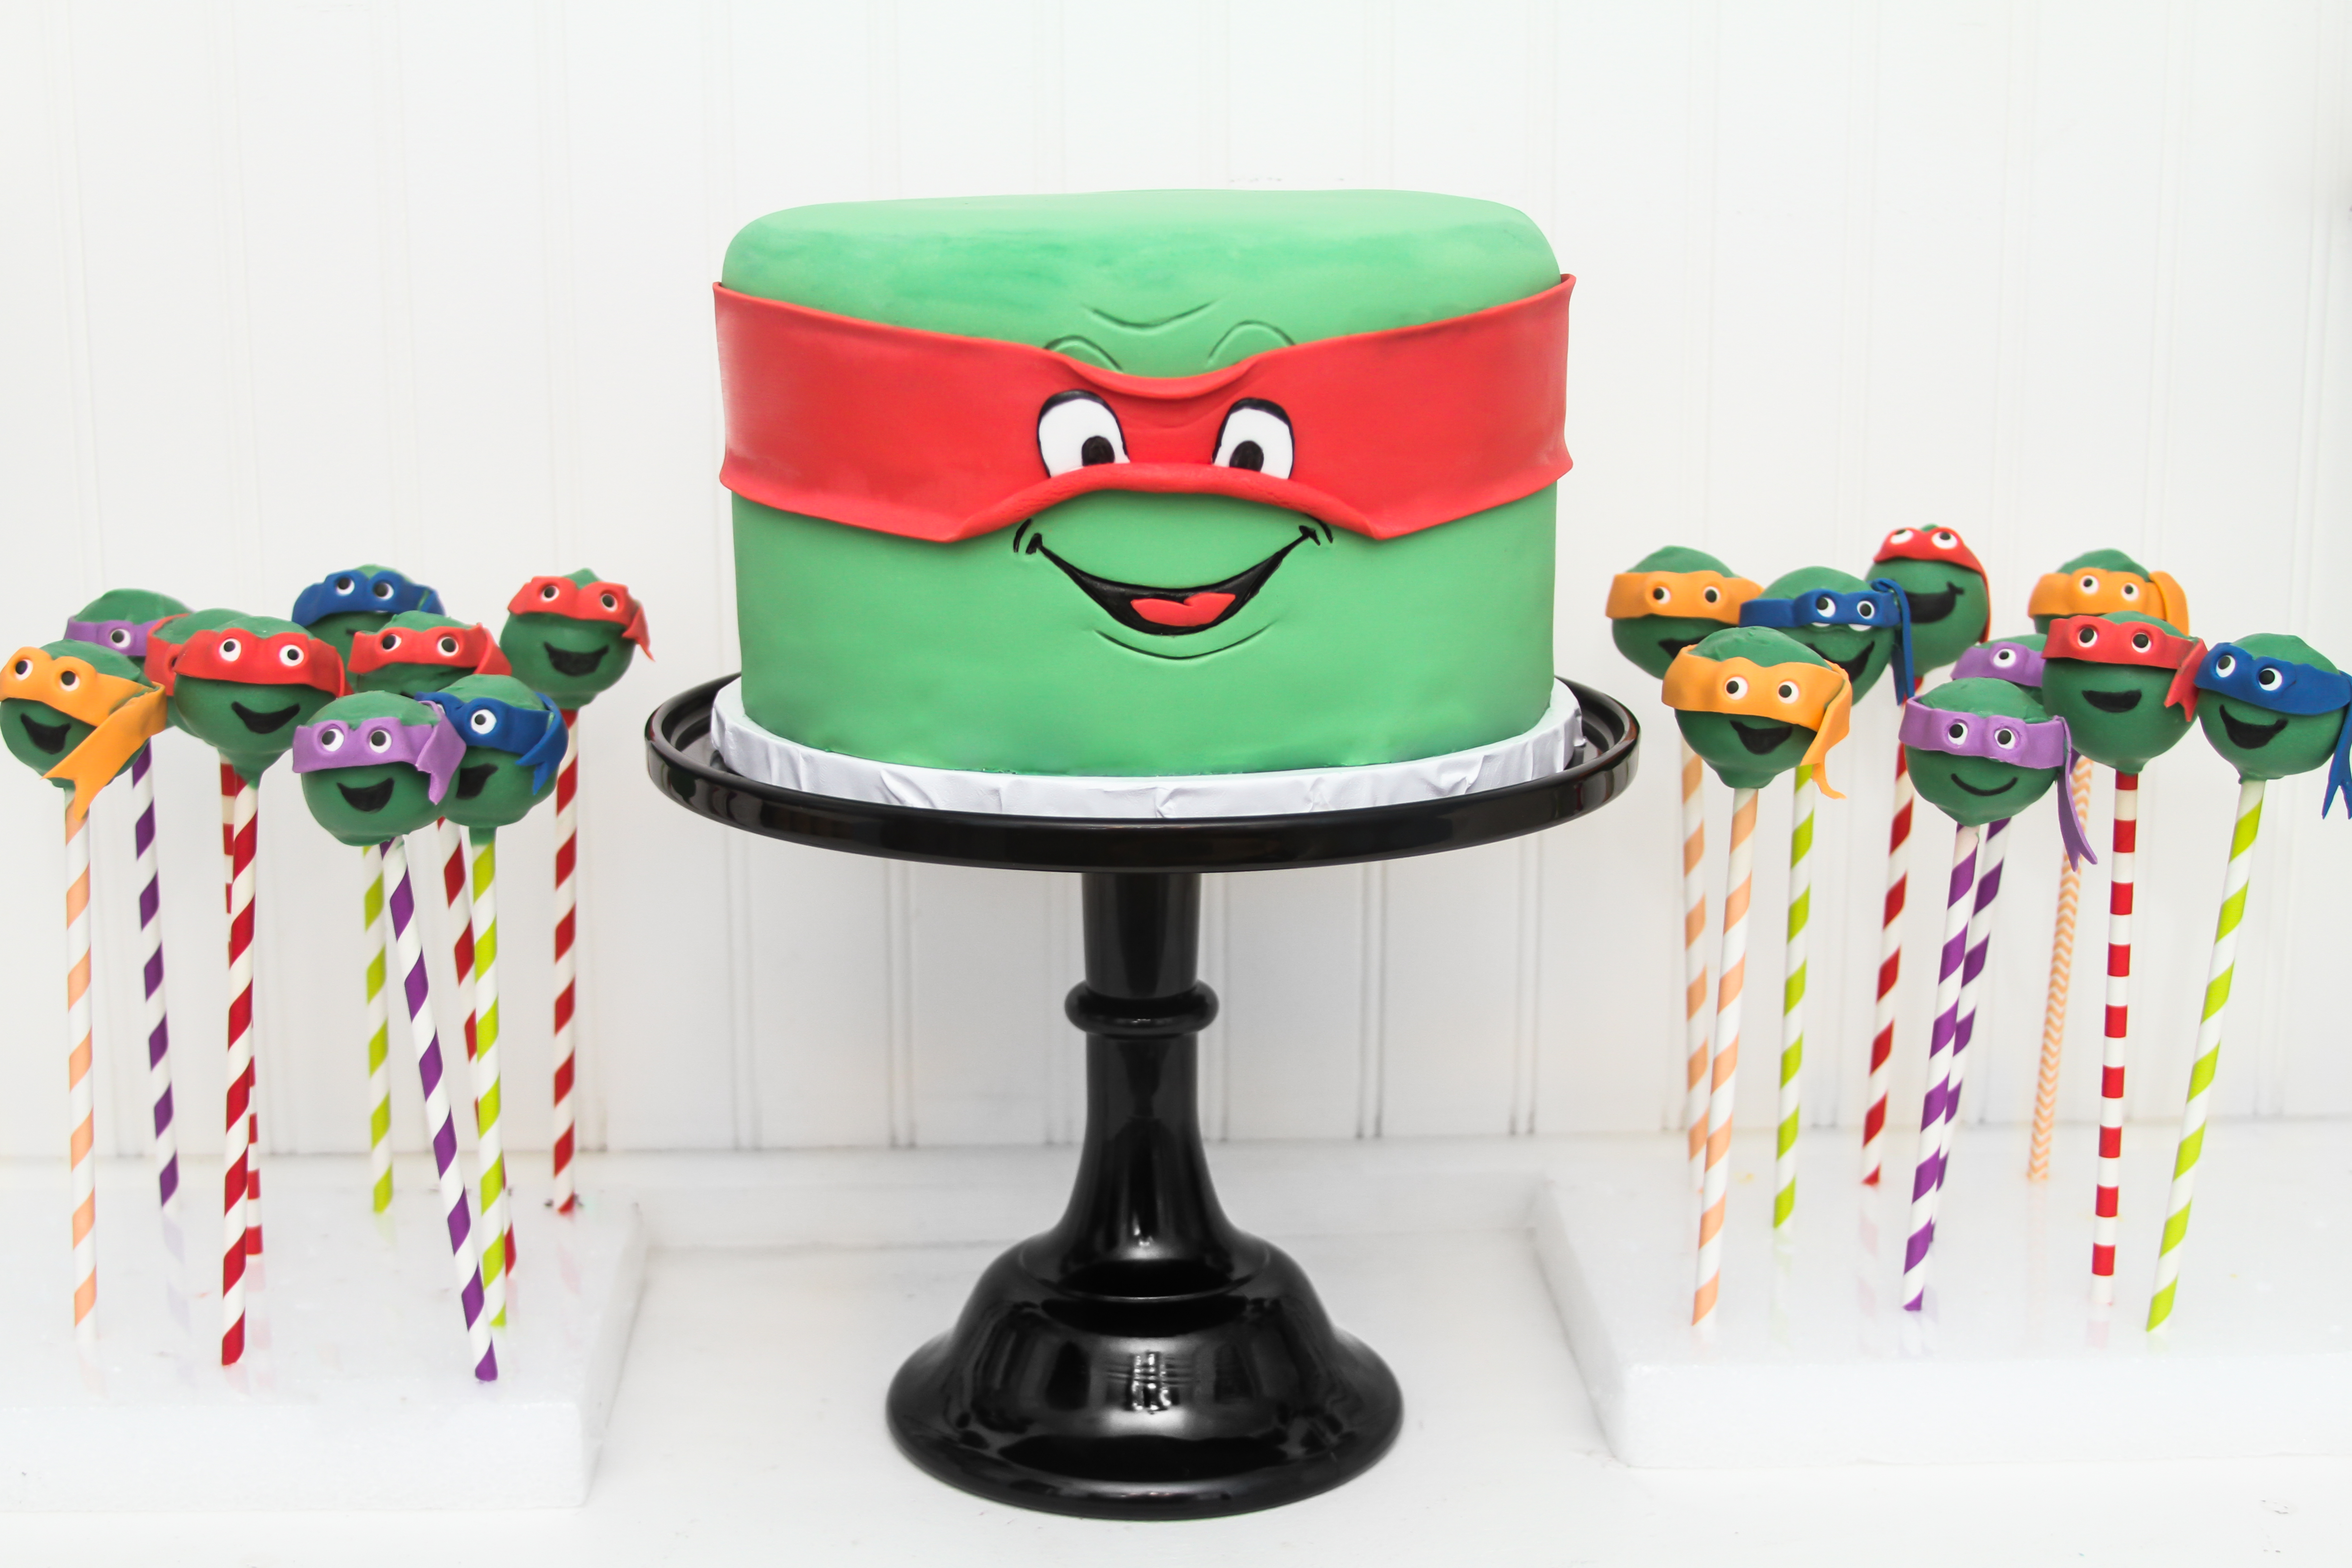 Ninja Turtle Cake Pops $4